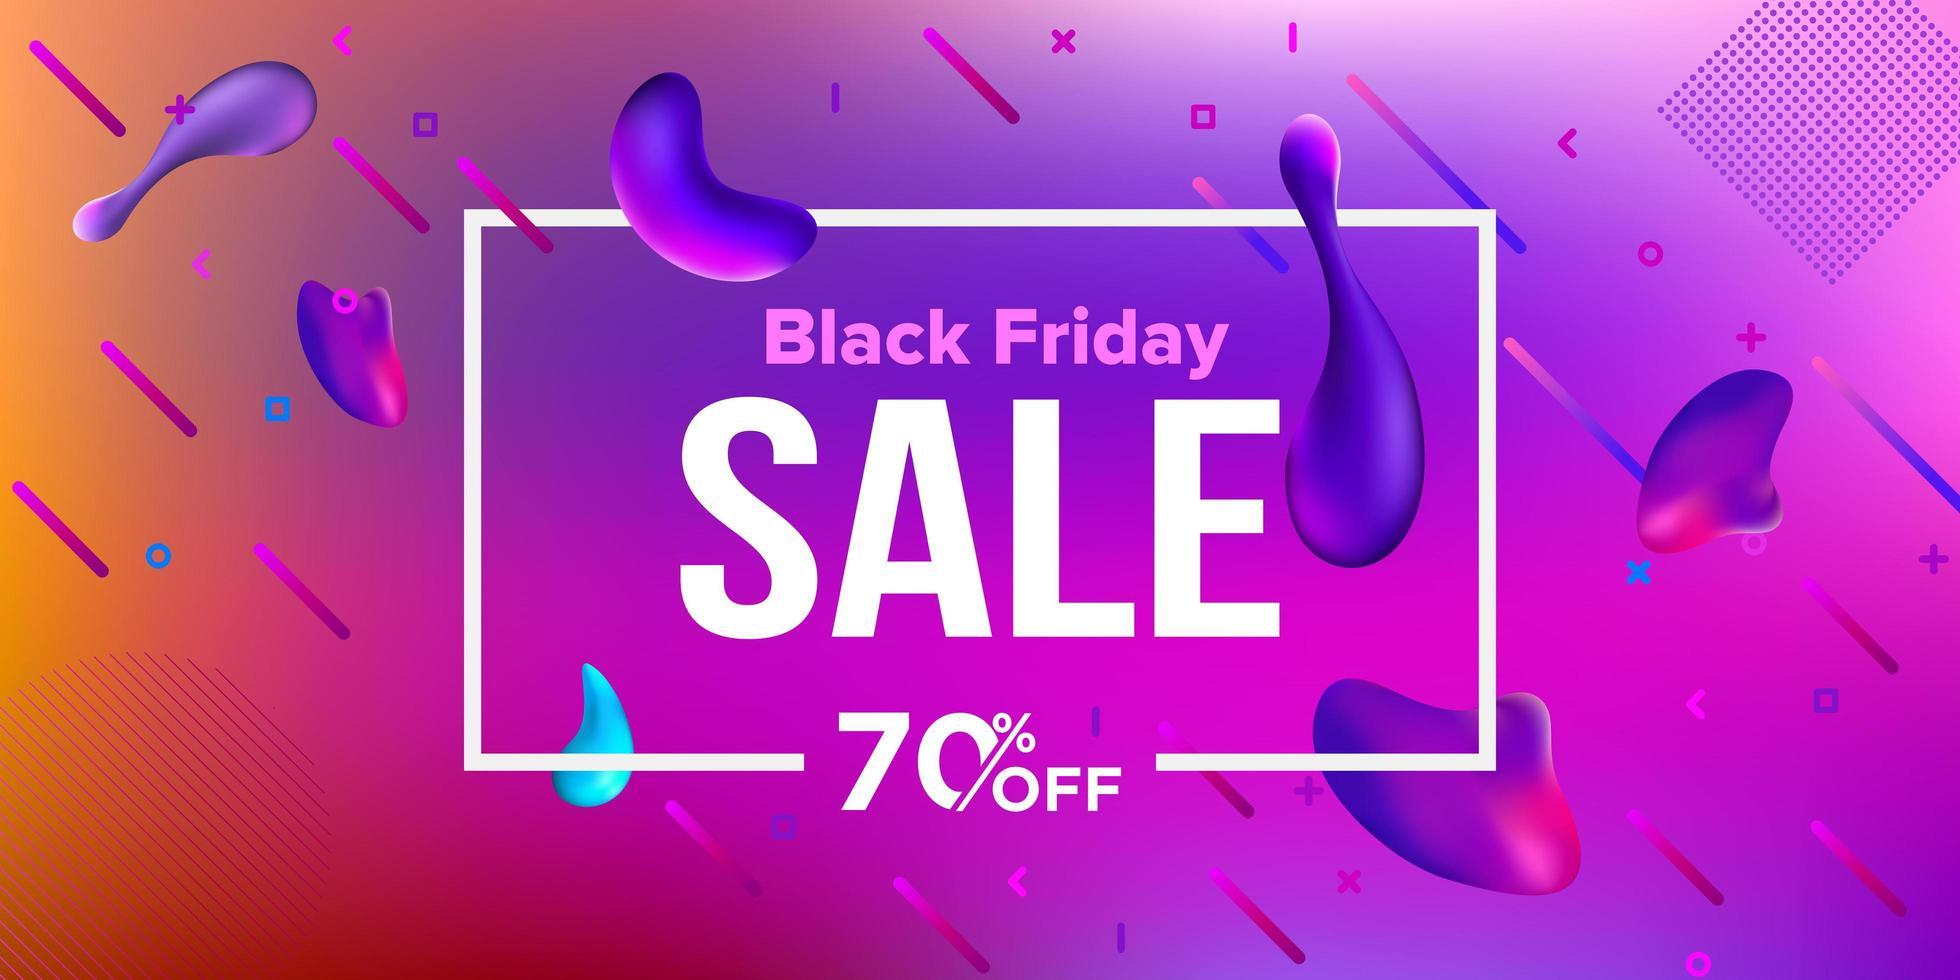 schwarzer Freitag Verkauf Banner Design flüssige Banner vektor